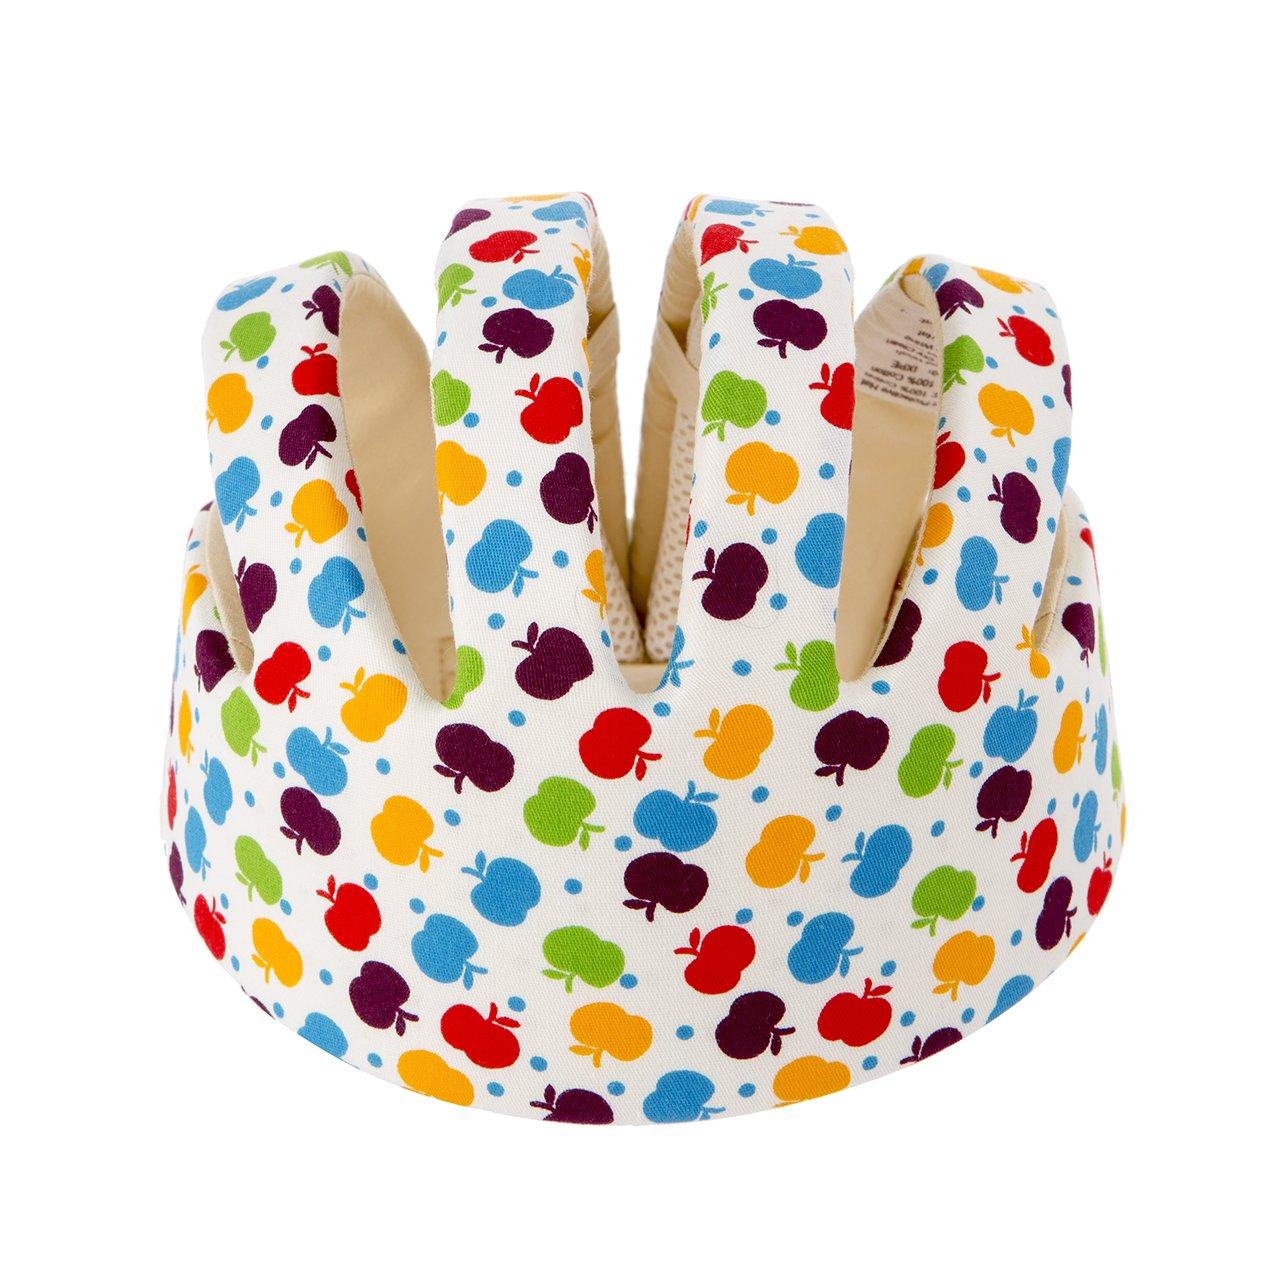 Newcomdigi Baby Infant Head Helmet Toddler Safety Helmet Infant Toddler Kids Children Apple Pattern